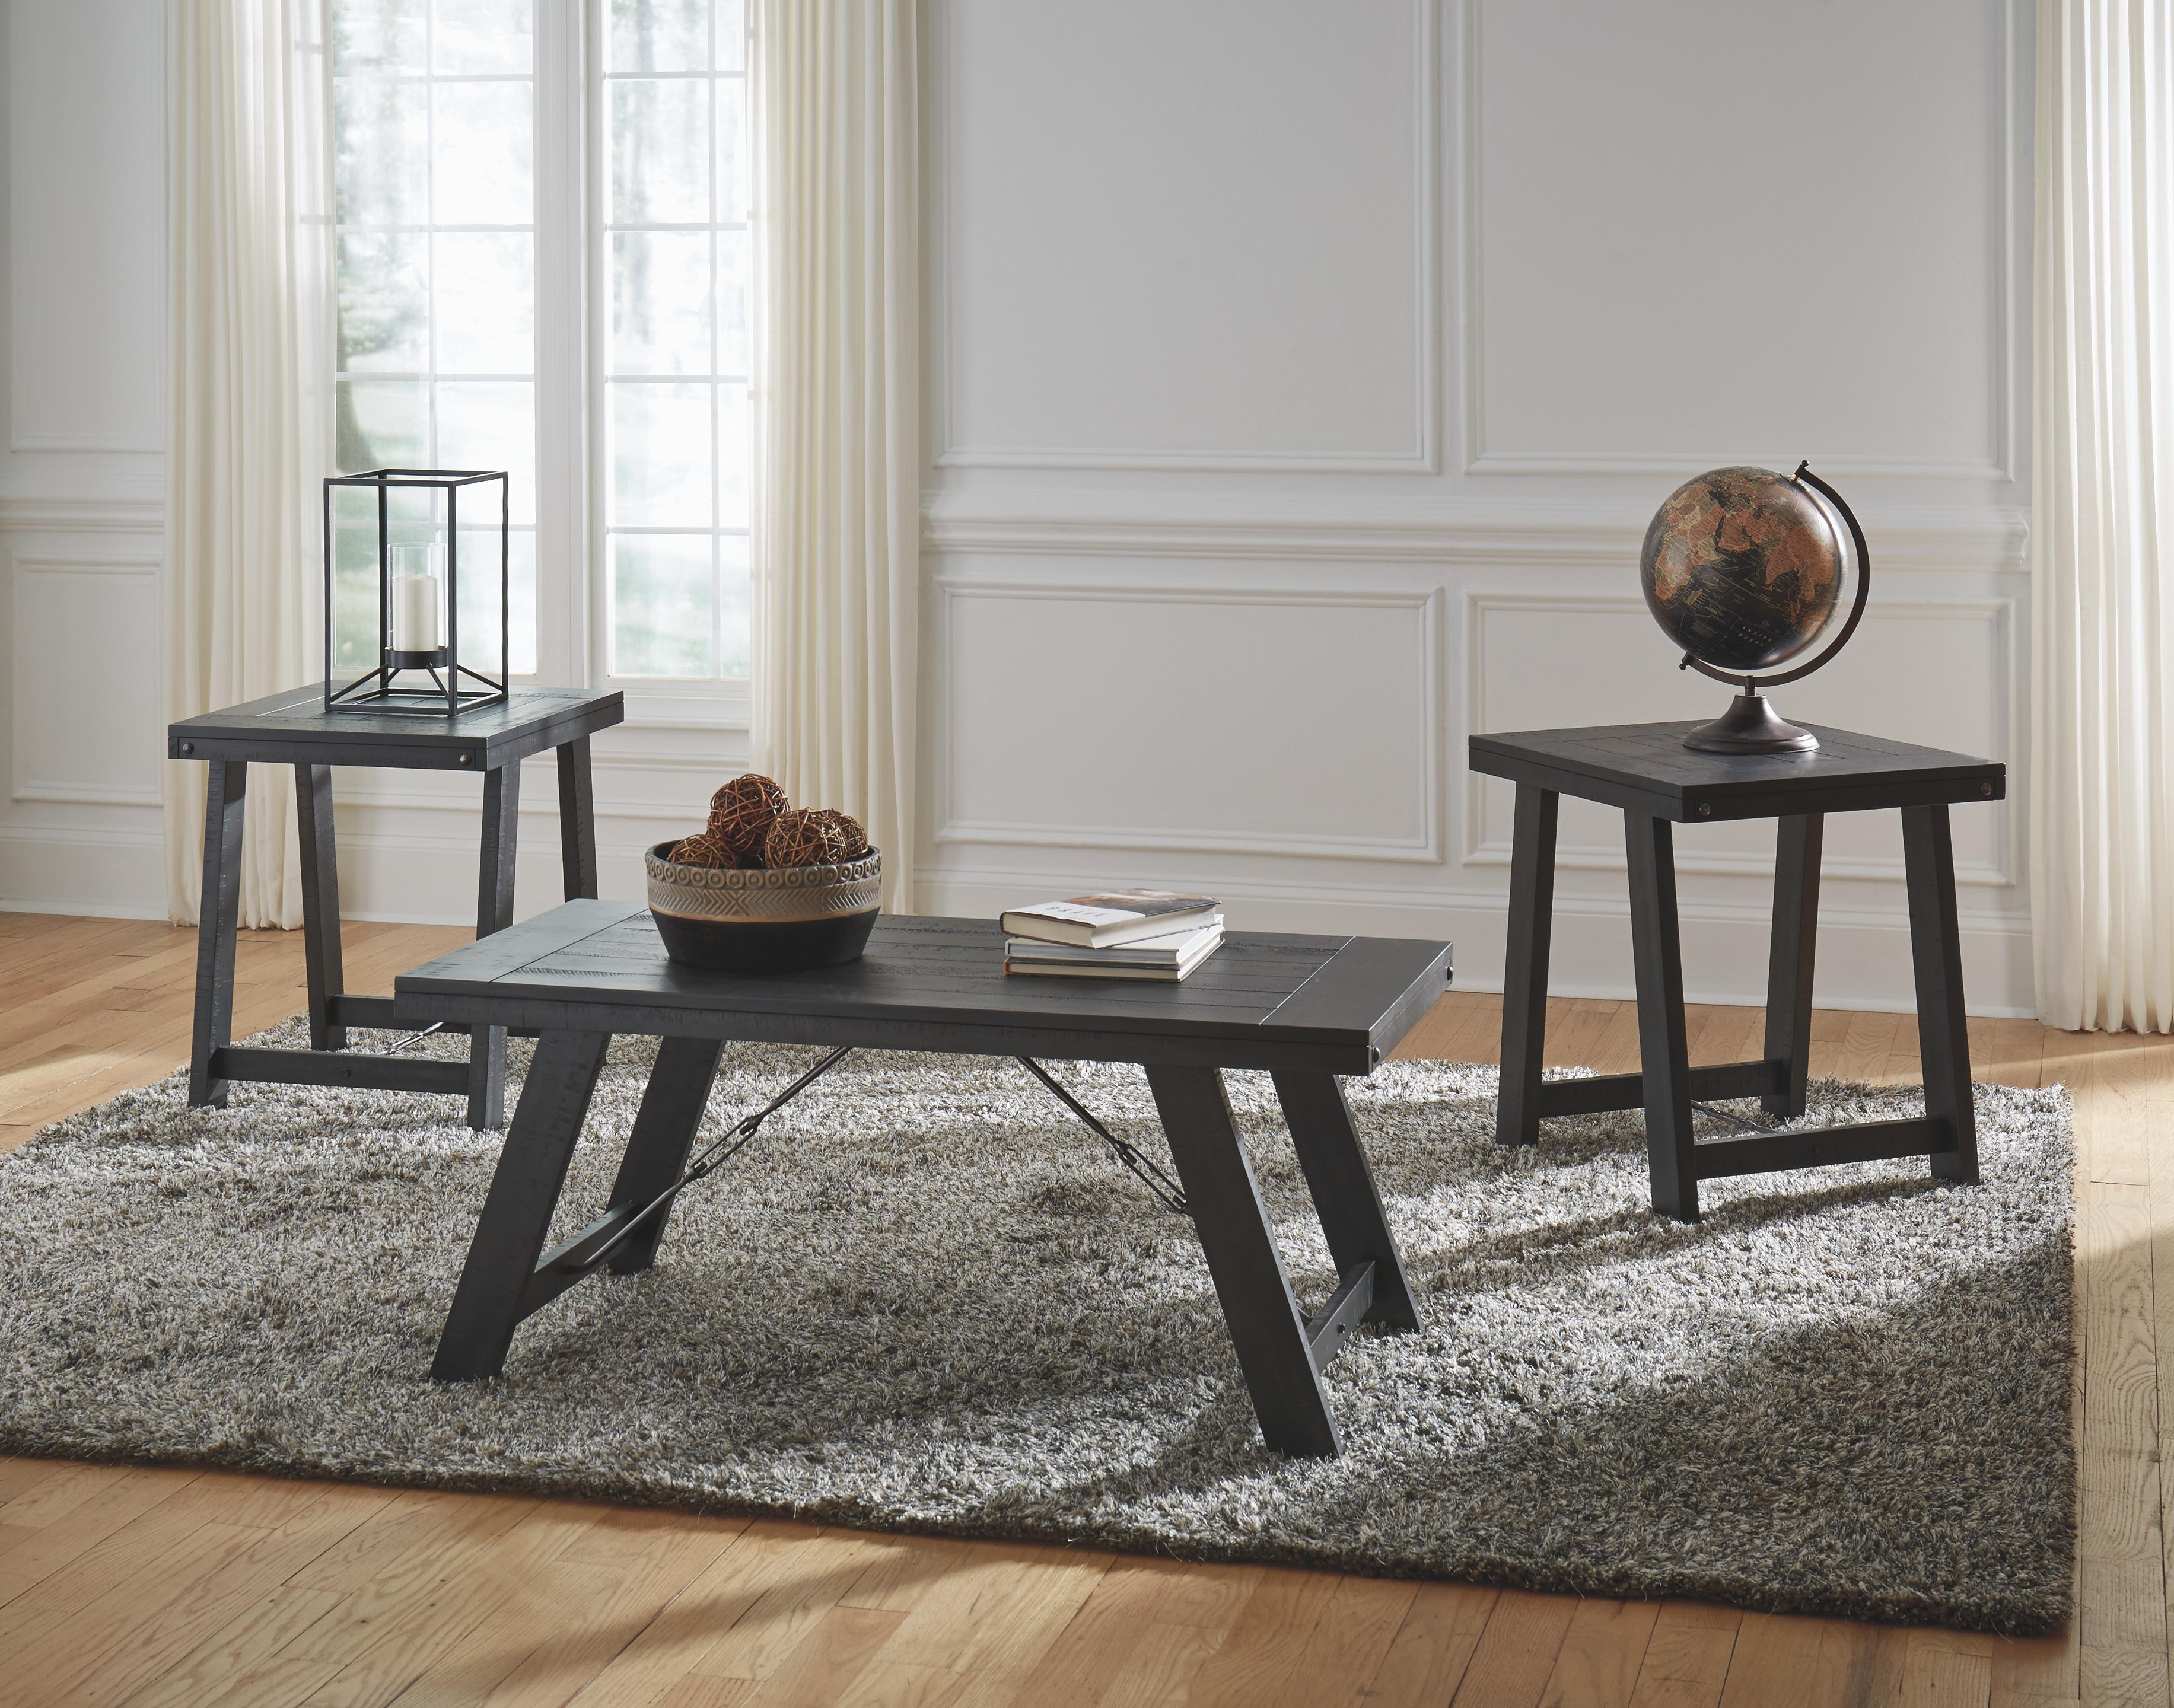 Noorbrook Table Set Of 3 Black Pewter Living Room Sets Coffee Table Coffee Table Wood [ 2880 x 3665 Pixel ]